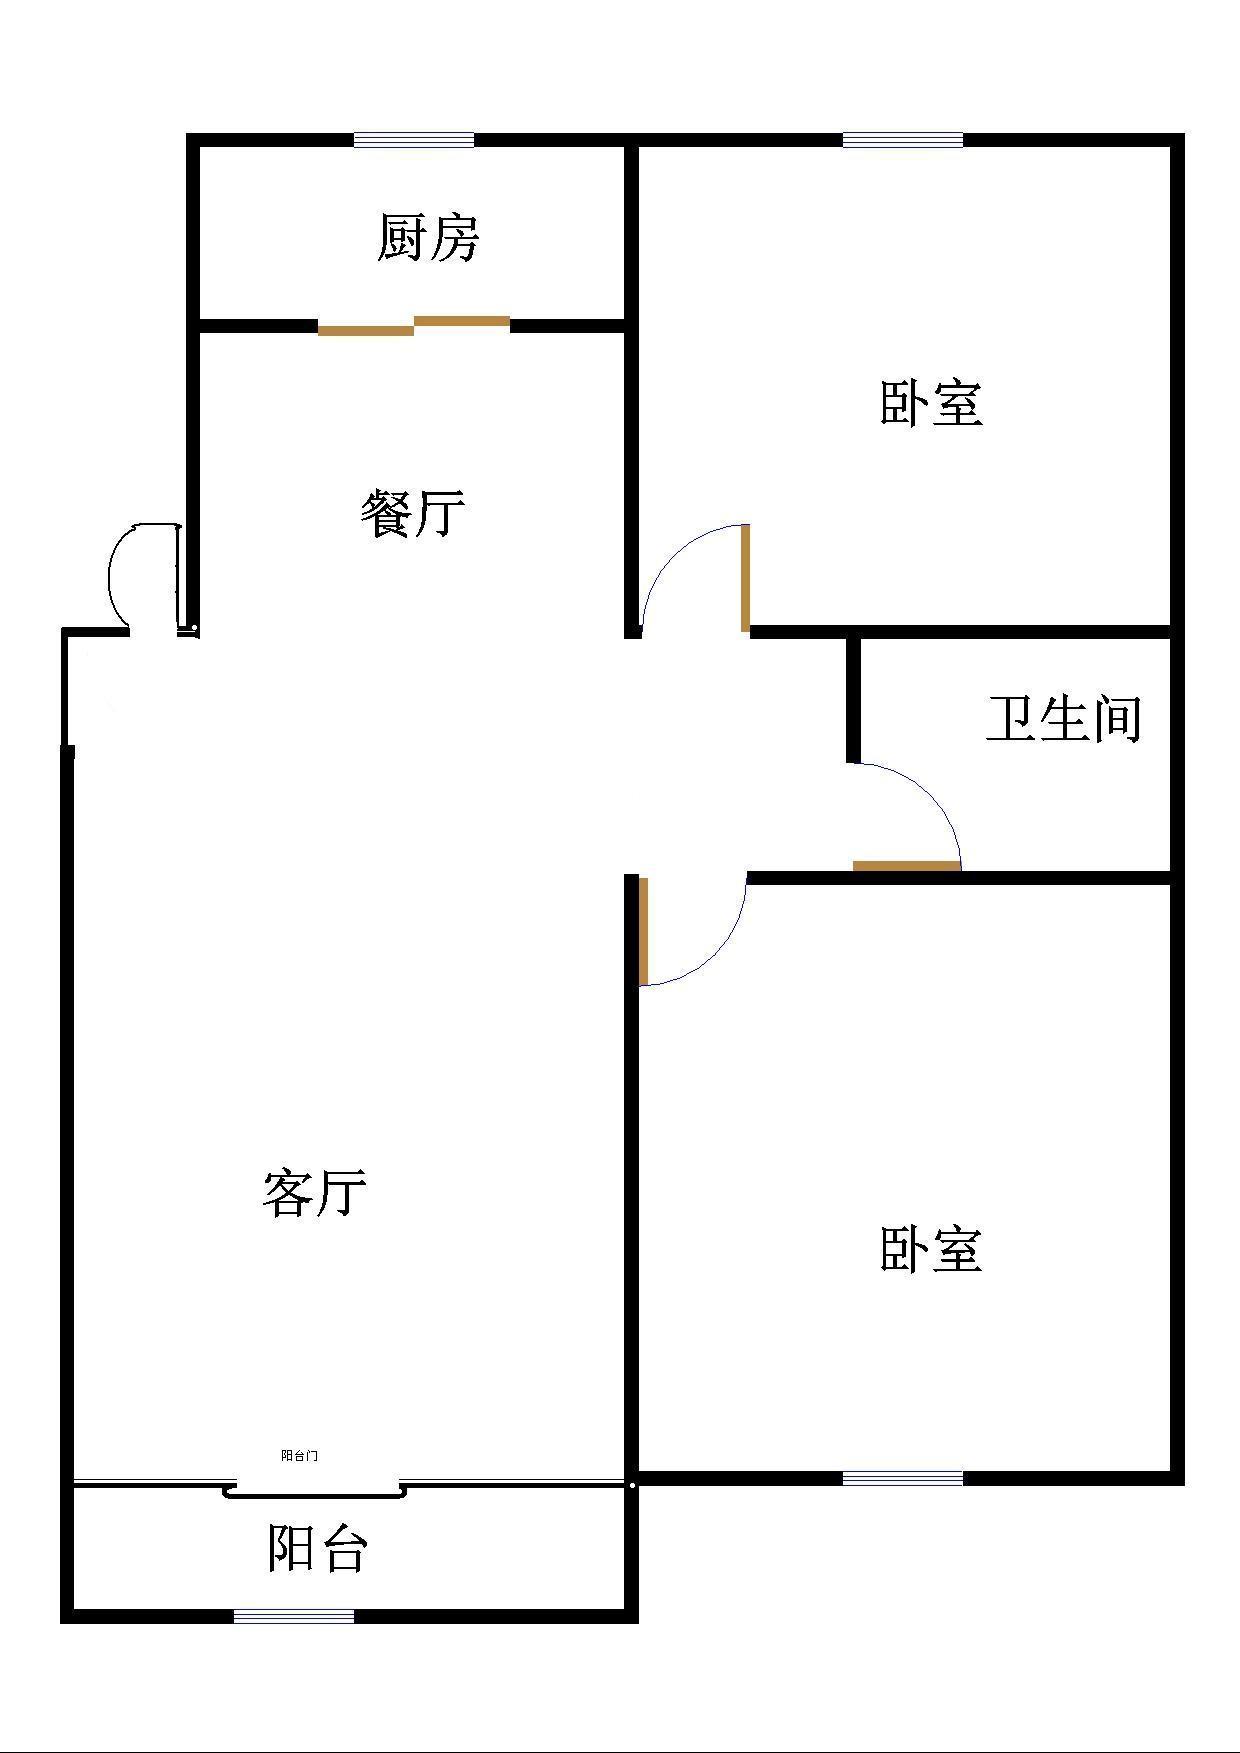 阳光花园小区 2室2厅 6楼